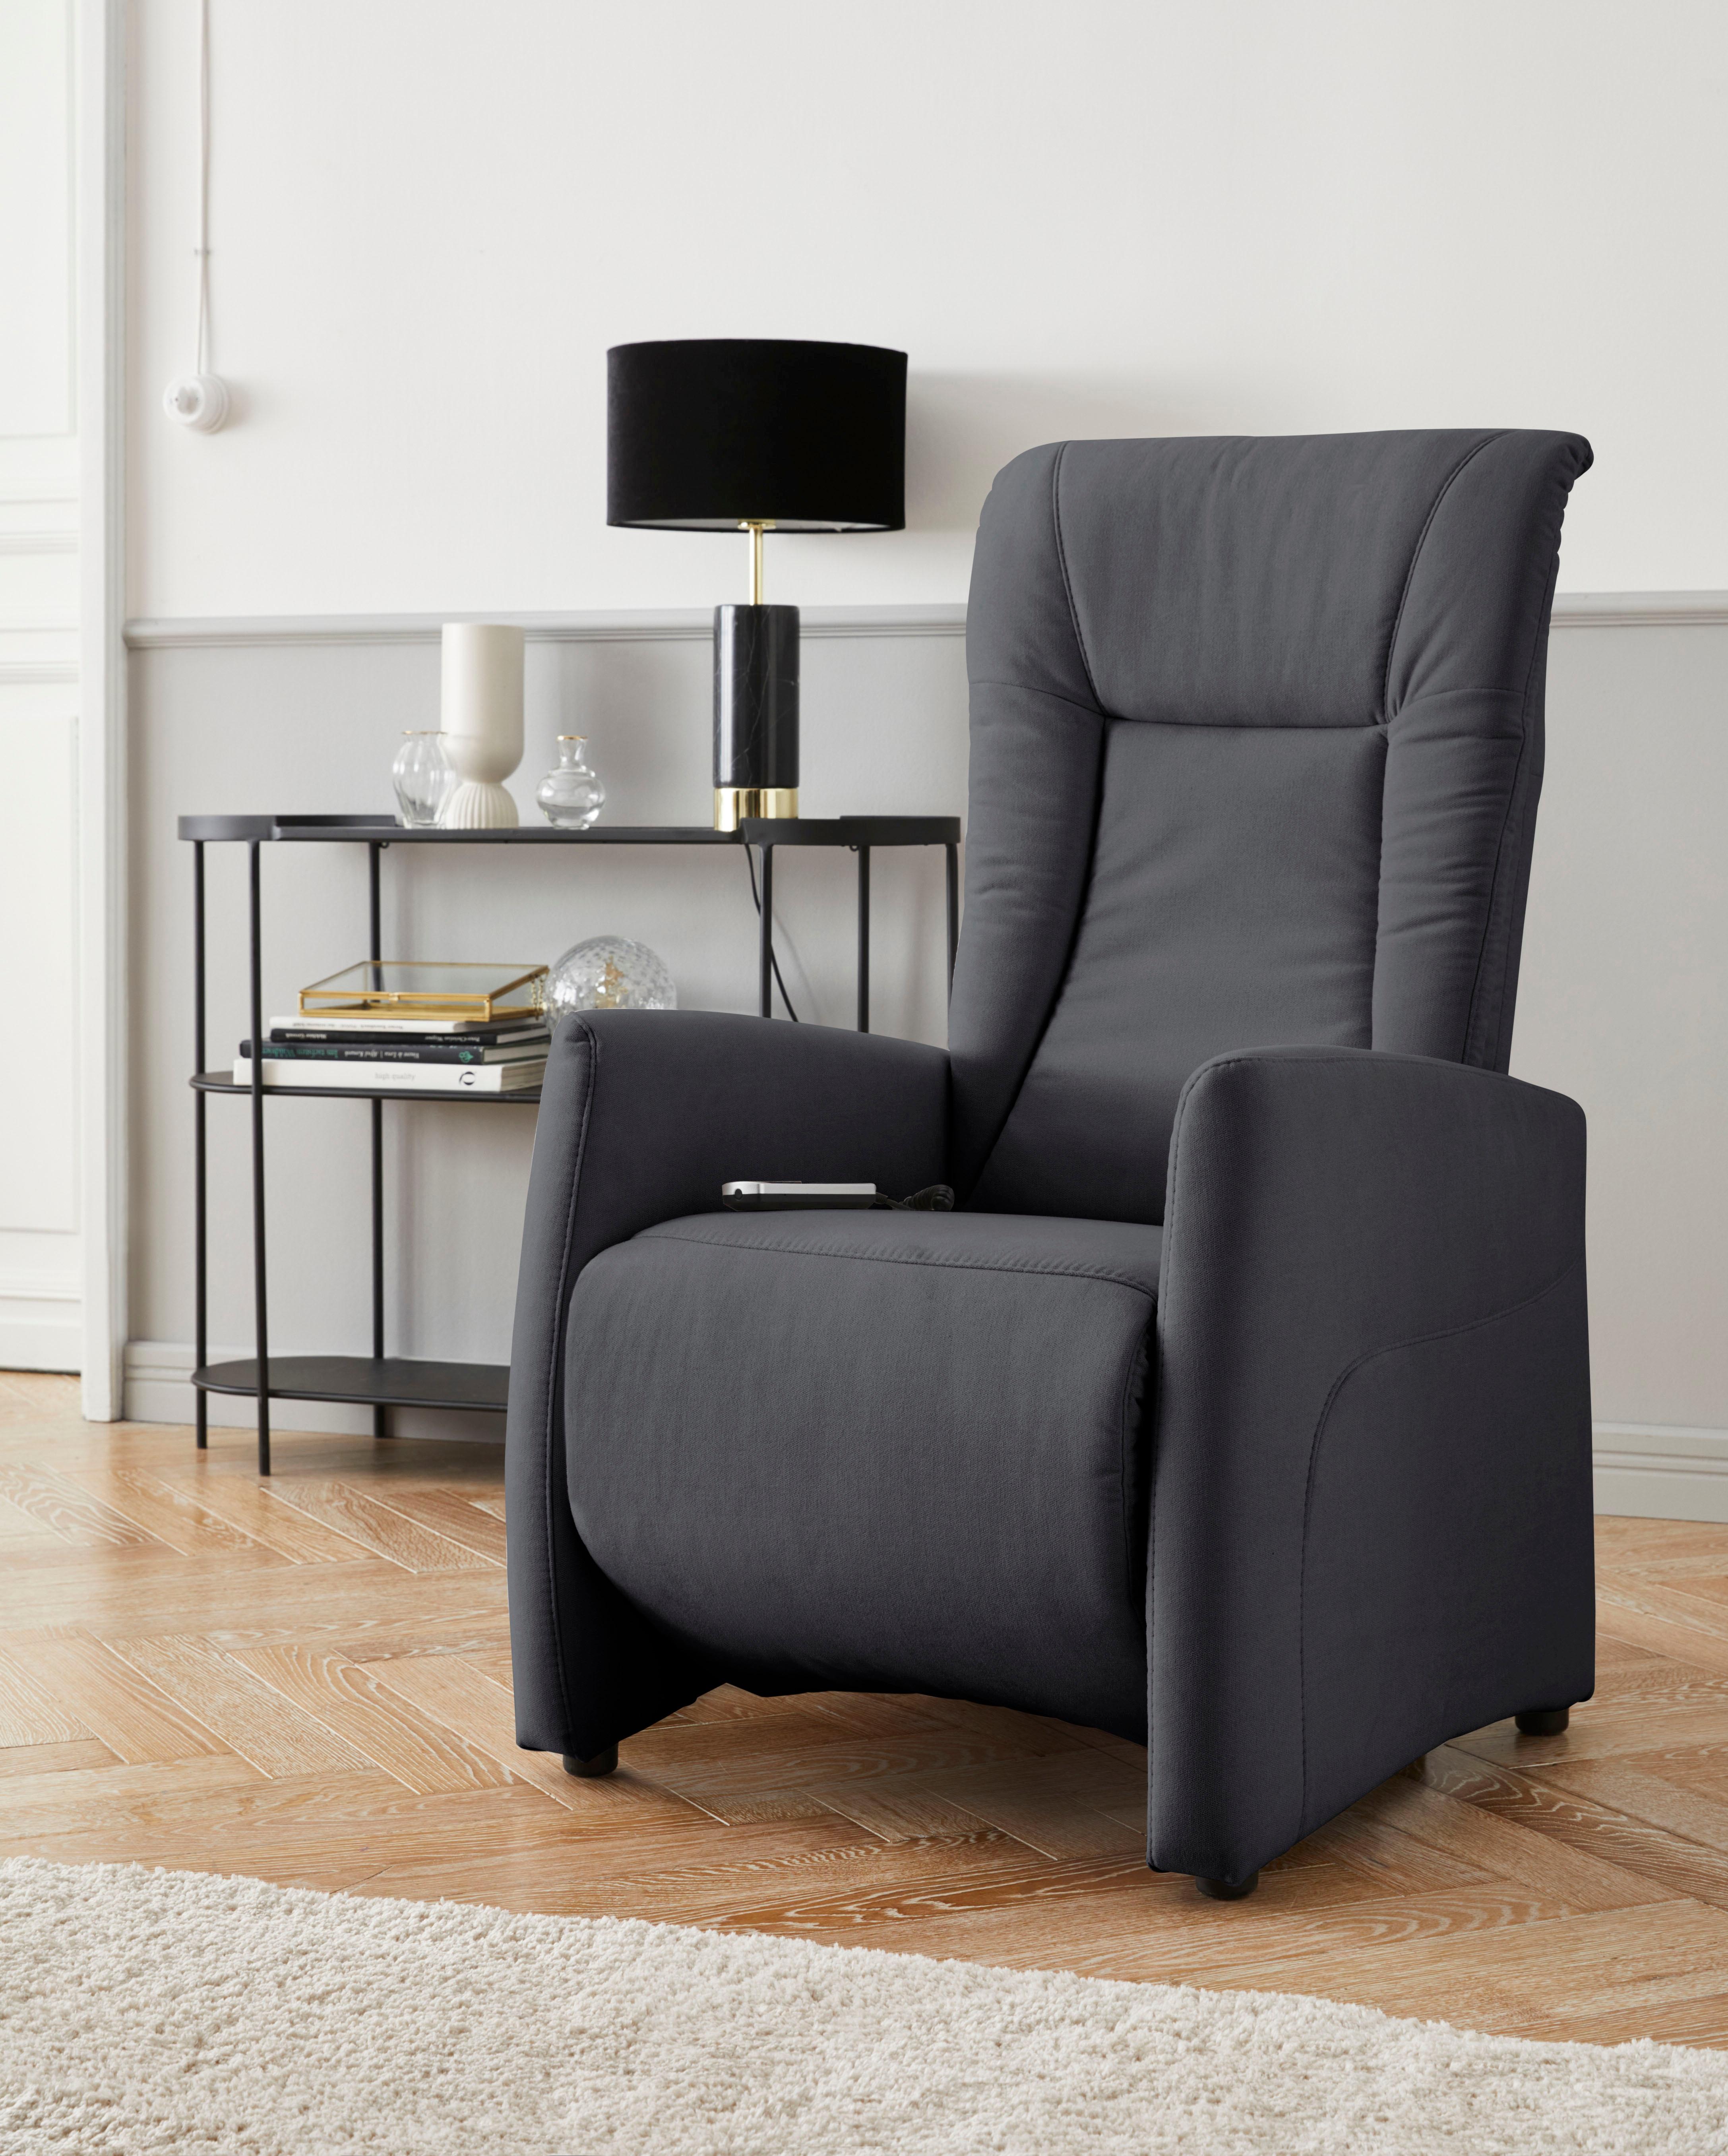 sit&more TV-Sessel Melissa, wahlweise elektrisch oder manuell verstellbar, günstig online kaufen